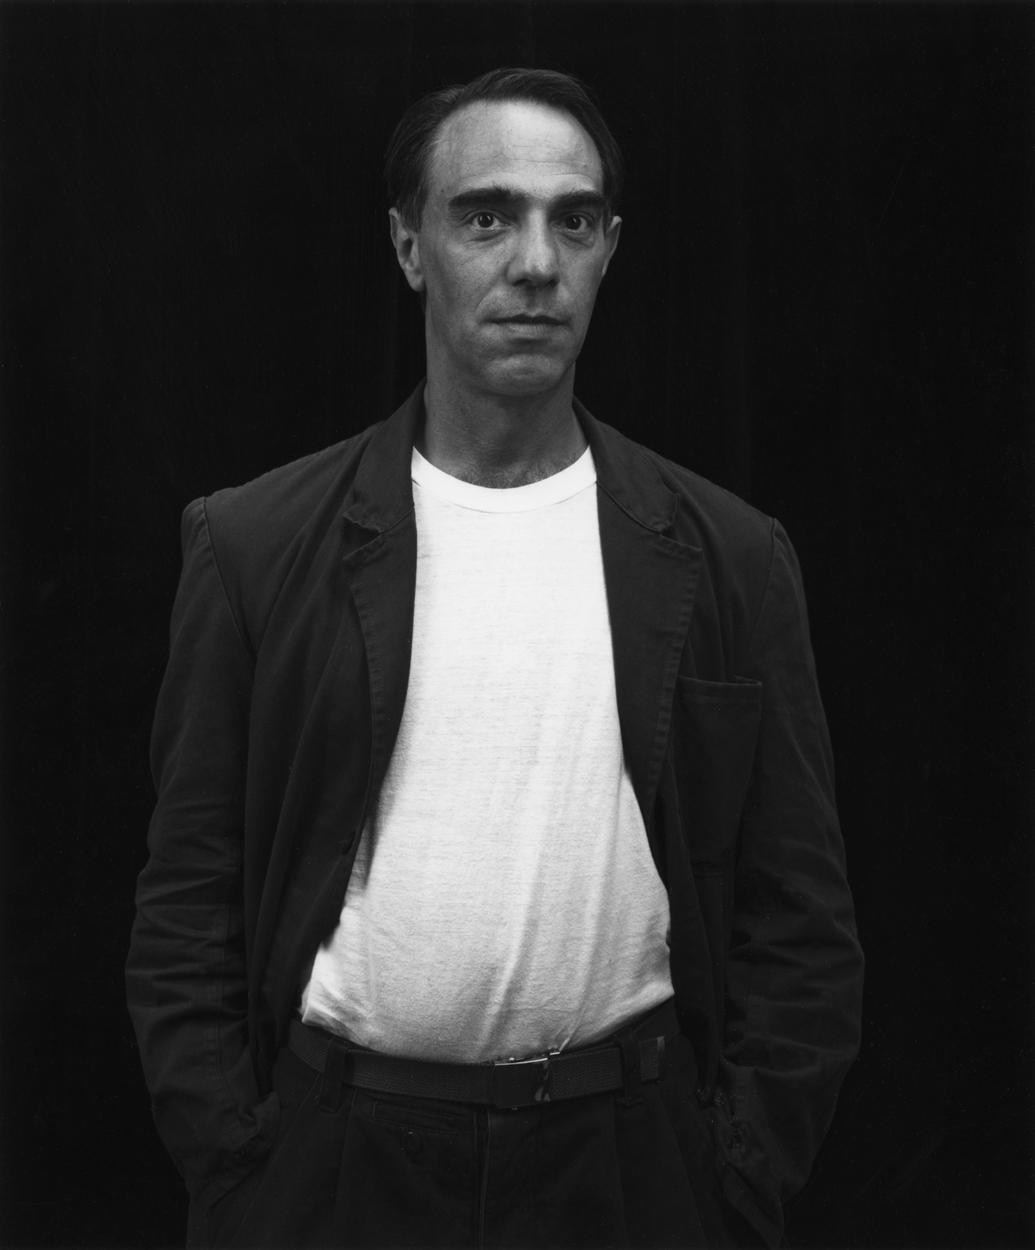 Derek Jarman during his visit to the Walker in 1986